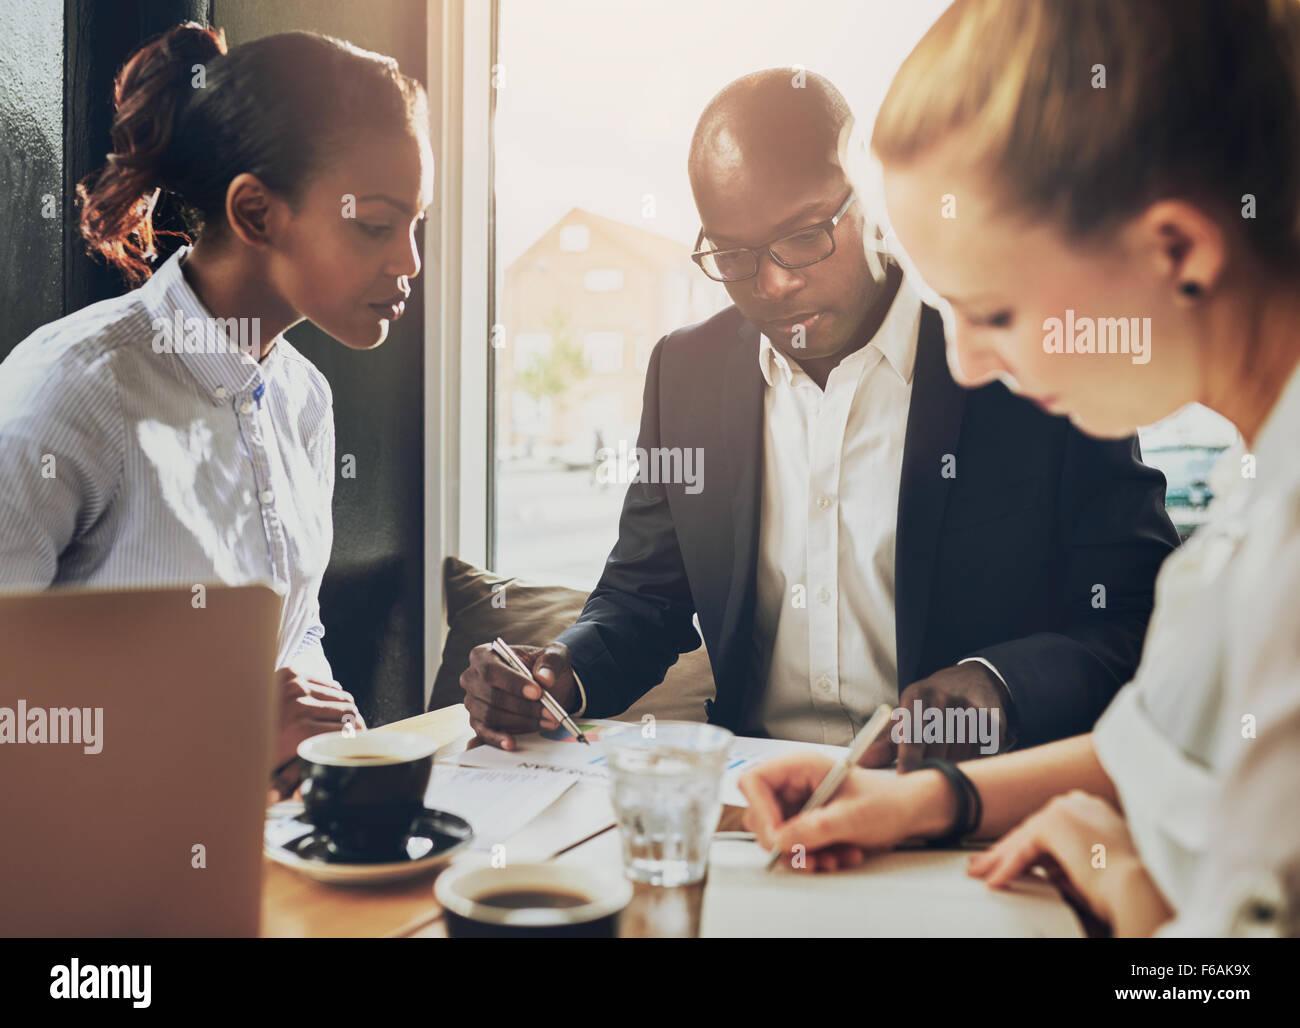 Schwere Gruppe von Geschäftsleuten, multi-ethnische Gruppe, Unternehmen, Unternehmer, bis Konzept starten Stockbild